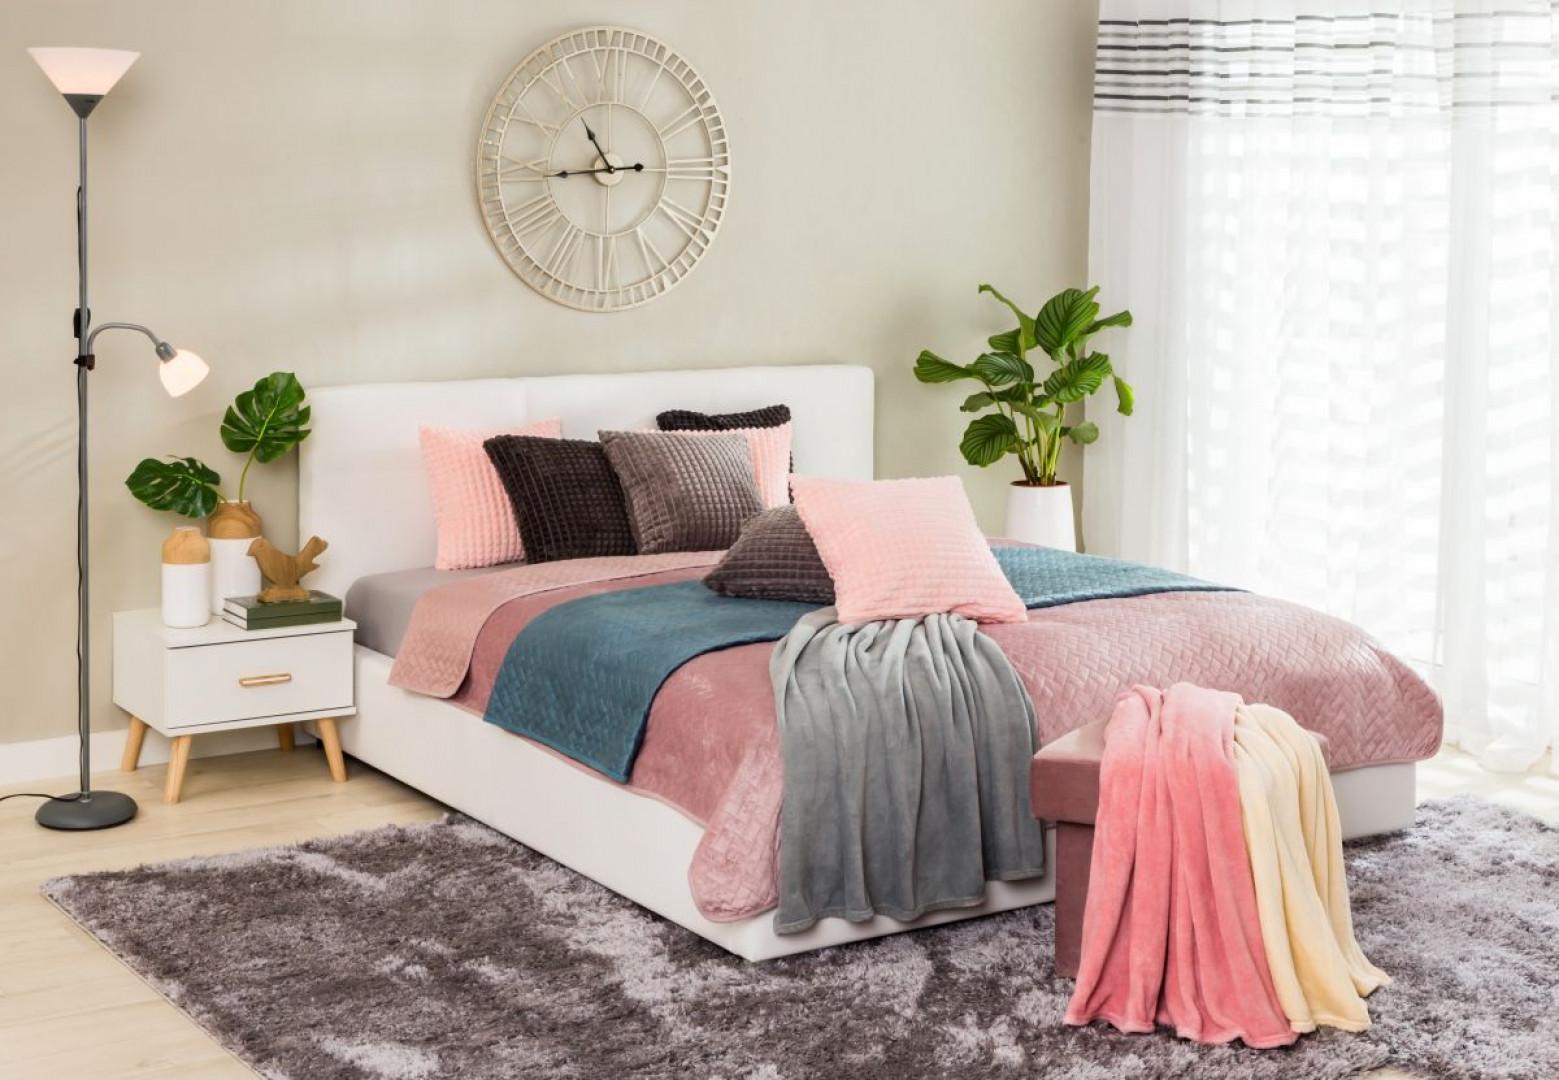 Wystarczy dobrać odpowiednie dodatki dekoracyjne, żeby zupełnie odmienić sypialnię. Fot. Salony Agata